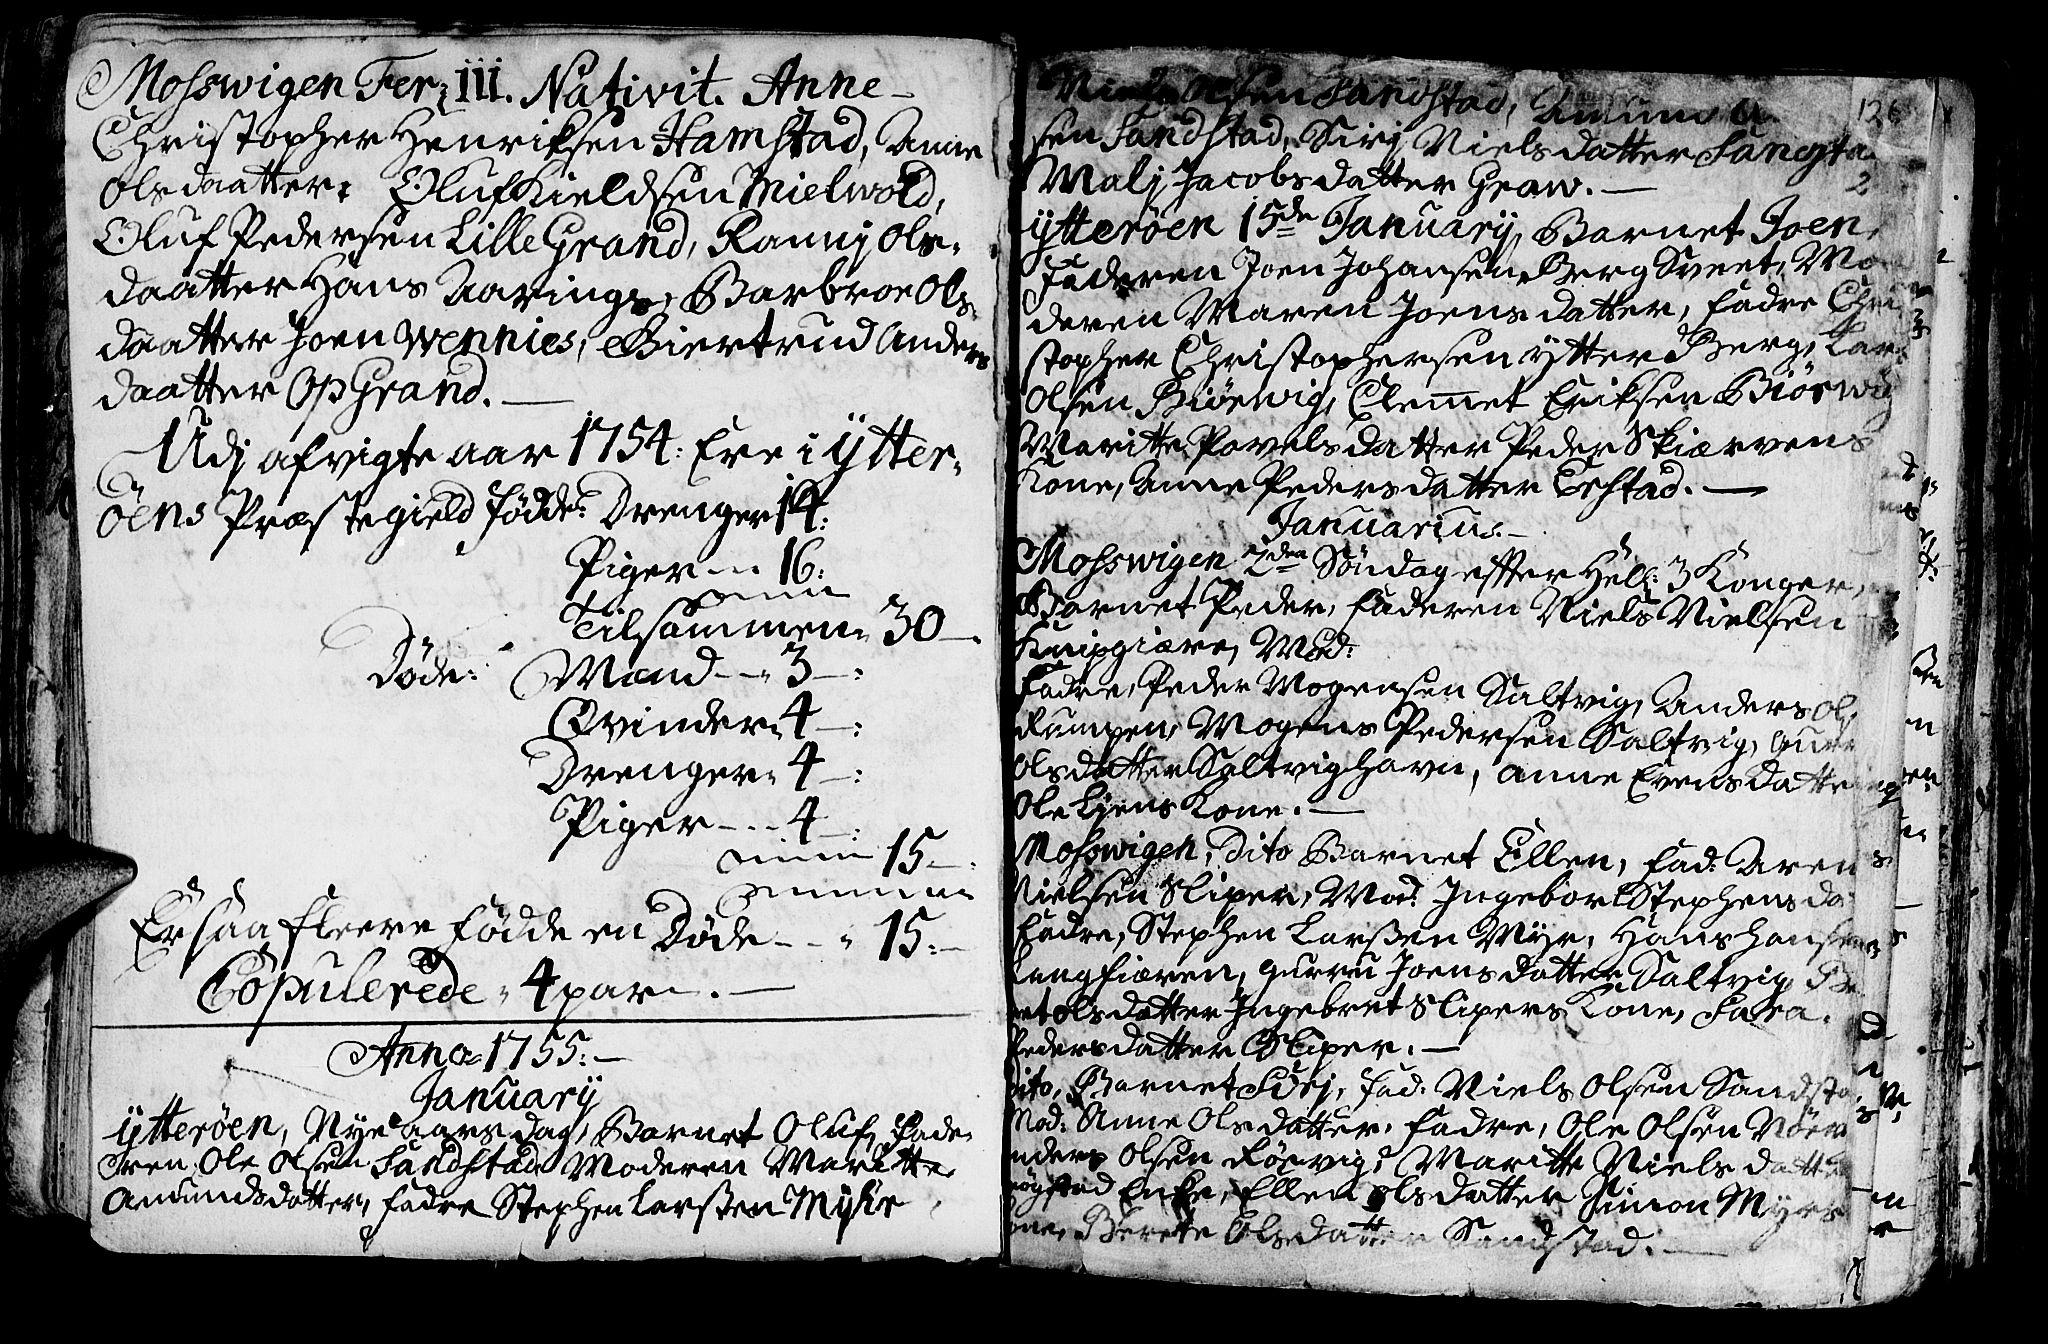 SAT, Ministerialprotokoller, klokkerbøker og fødselsregistre - Nord-Trøndelag, 722/L0215: Ministerialbok nr. 722A02, 1718-1755, s. 126